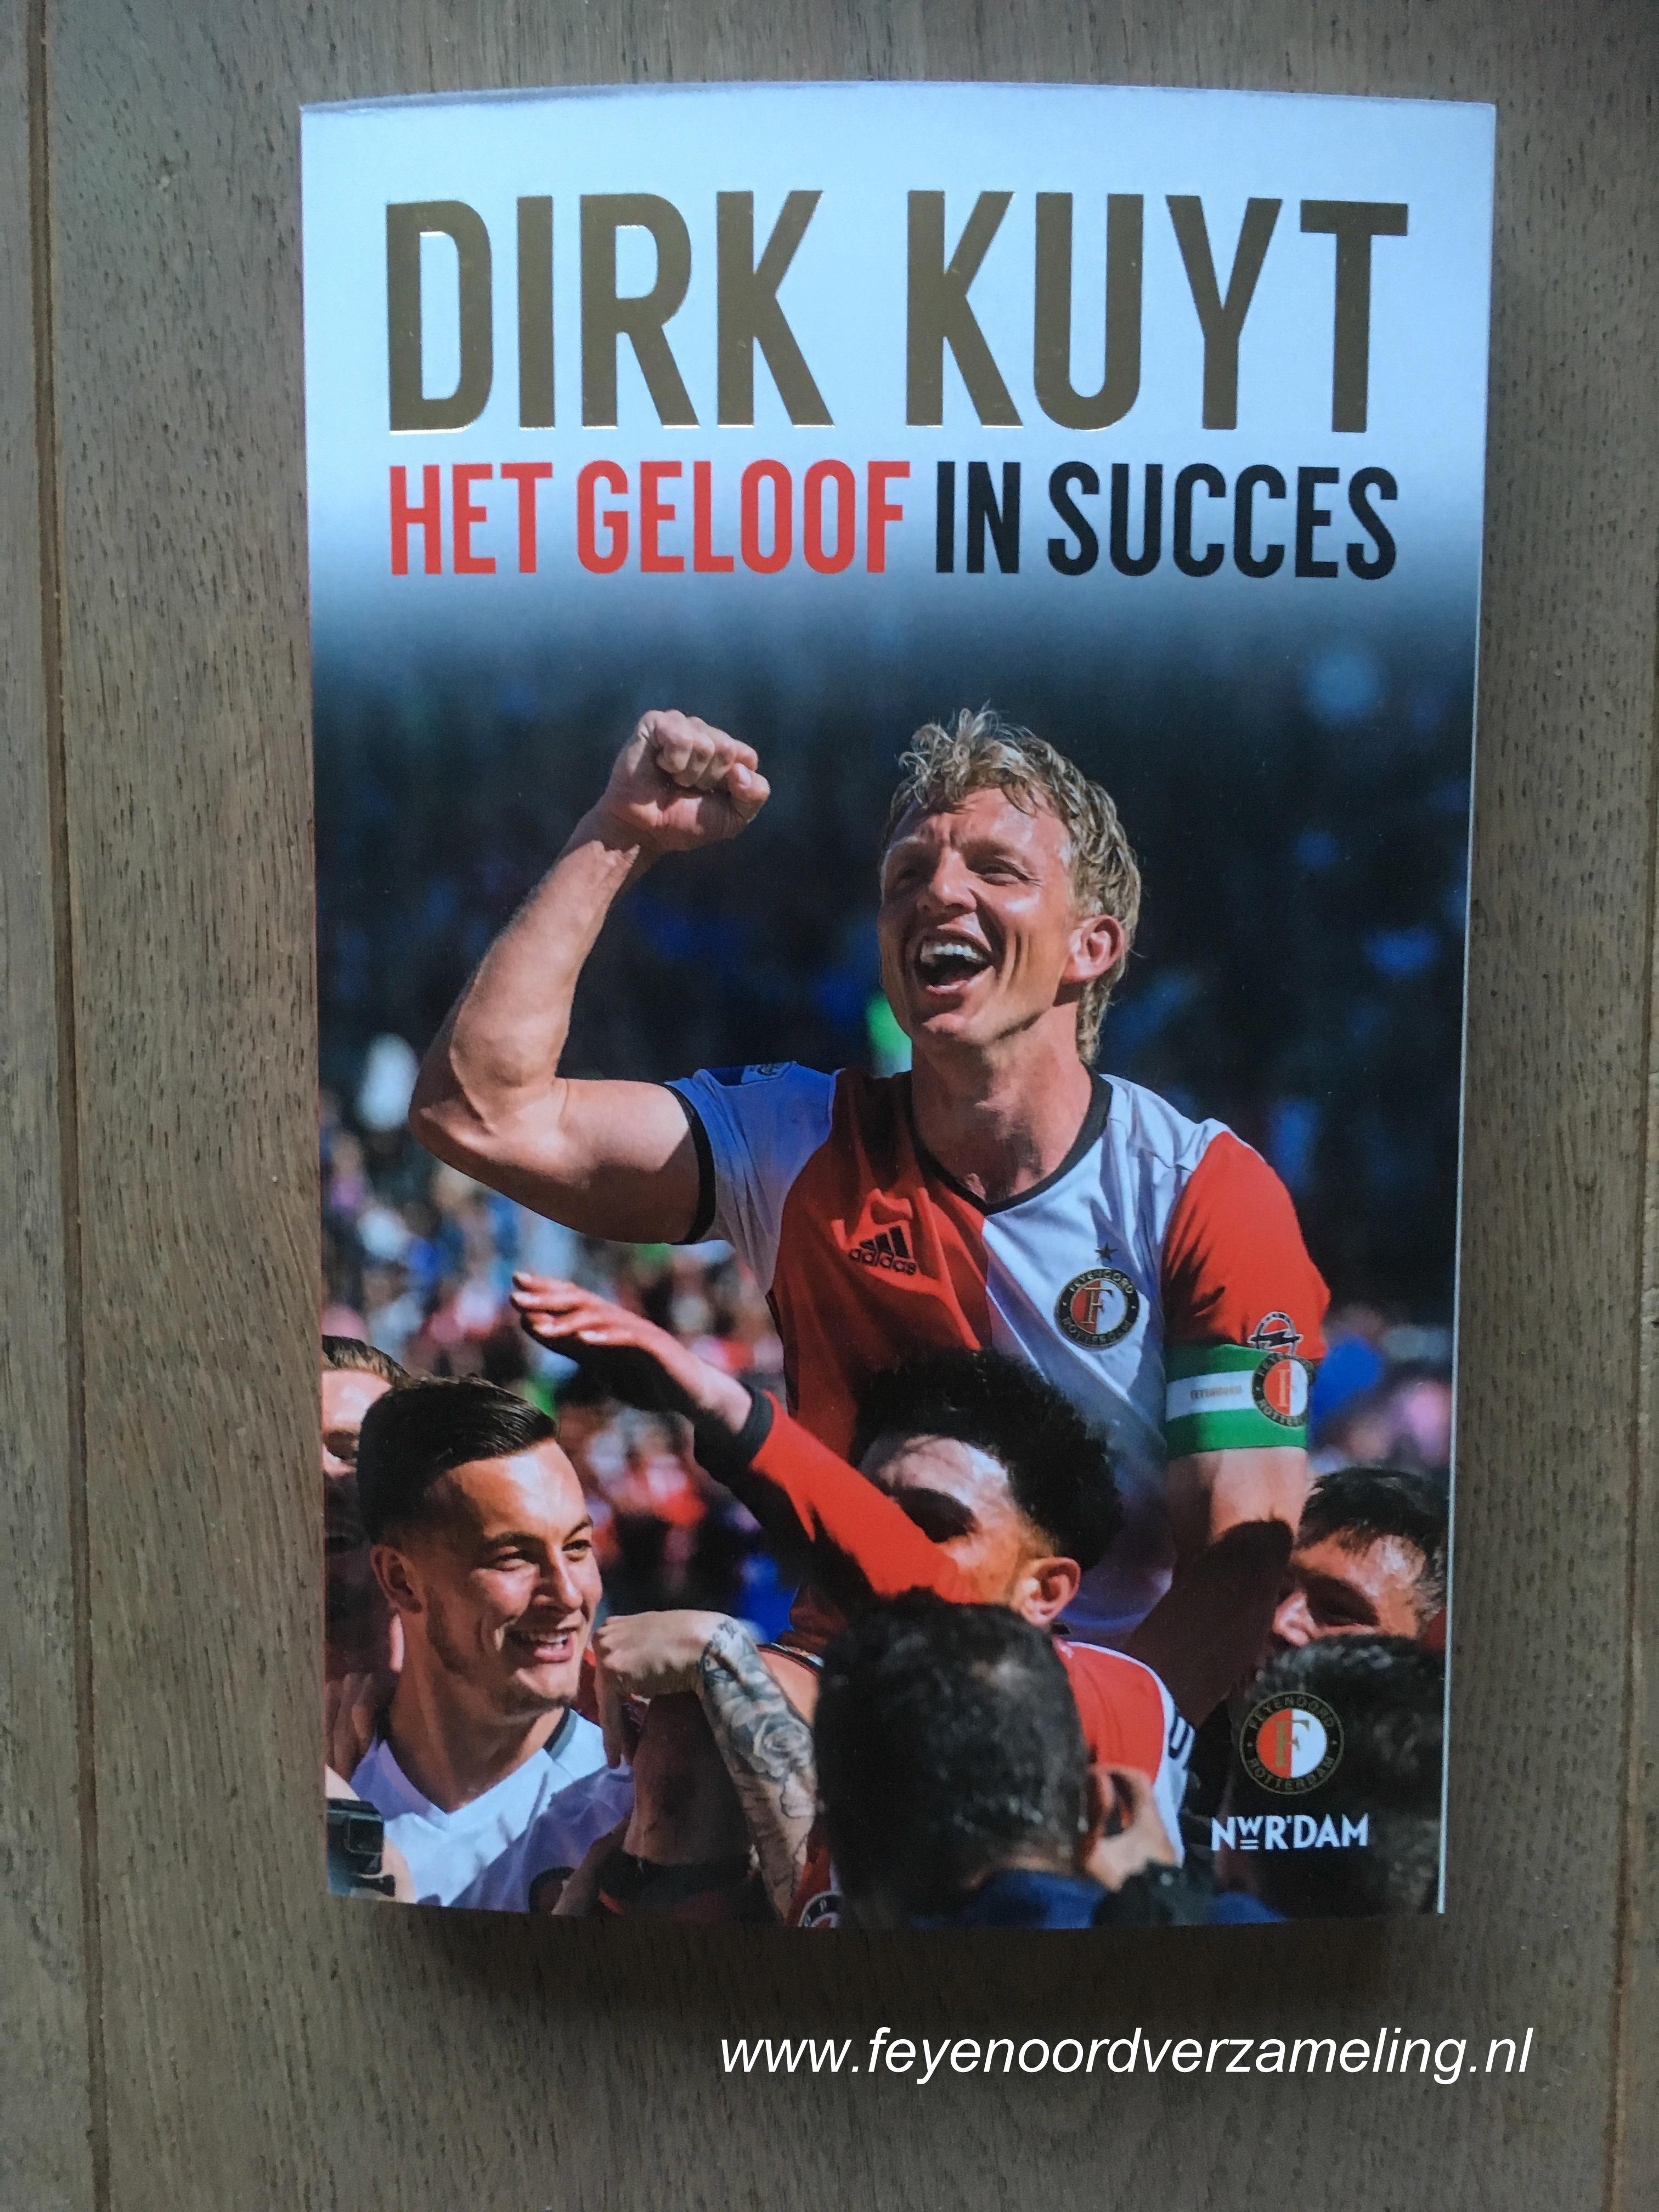 Dirk Kuyt, het geloof in succes